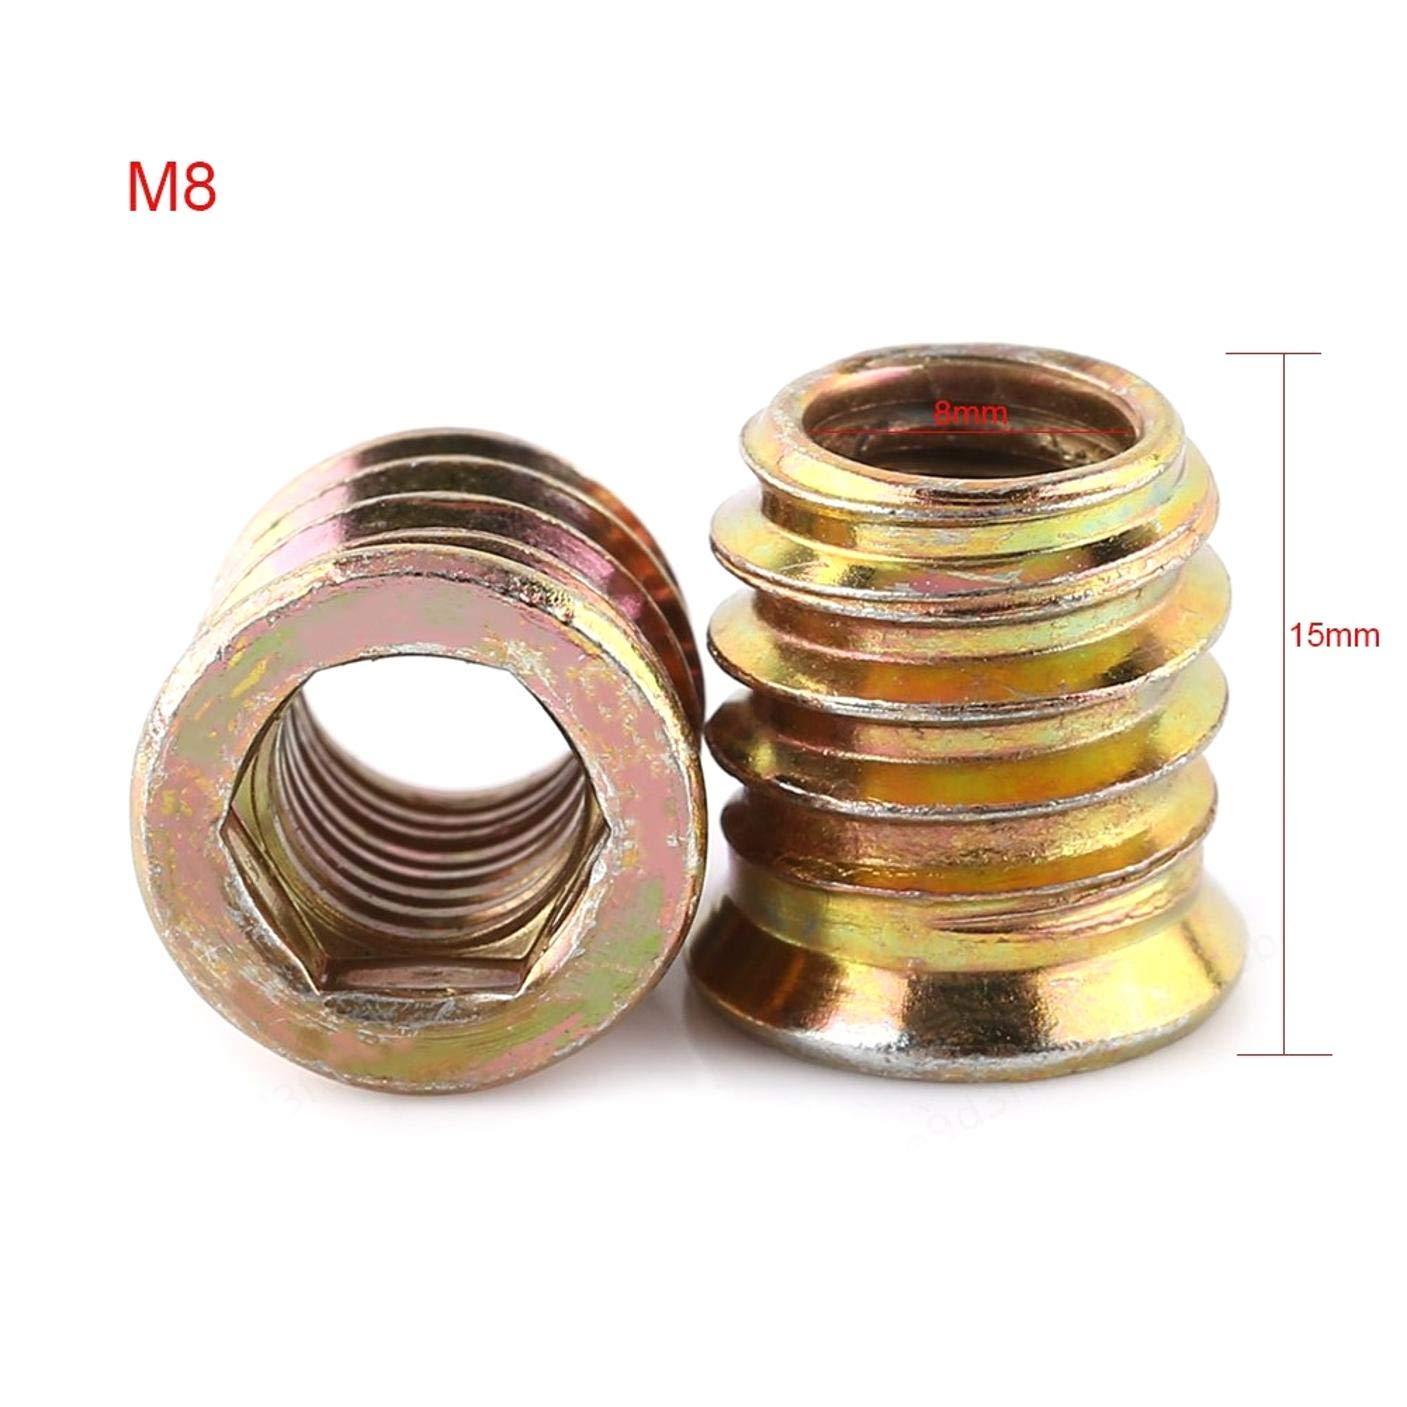 M8 M6 * 10 mm LAQI Tuerca de Unidad Hexagonal de Muebles de aleaci/ón de Zinc de 20 Piezas M6 M10 Inserto roscado Surtido de Tuercas de inserci/ón de Madera